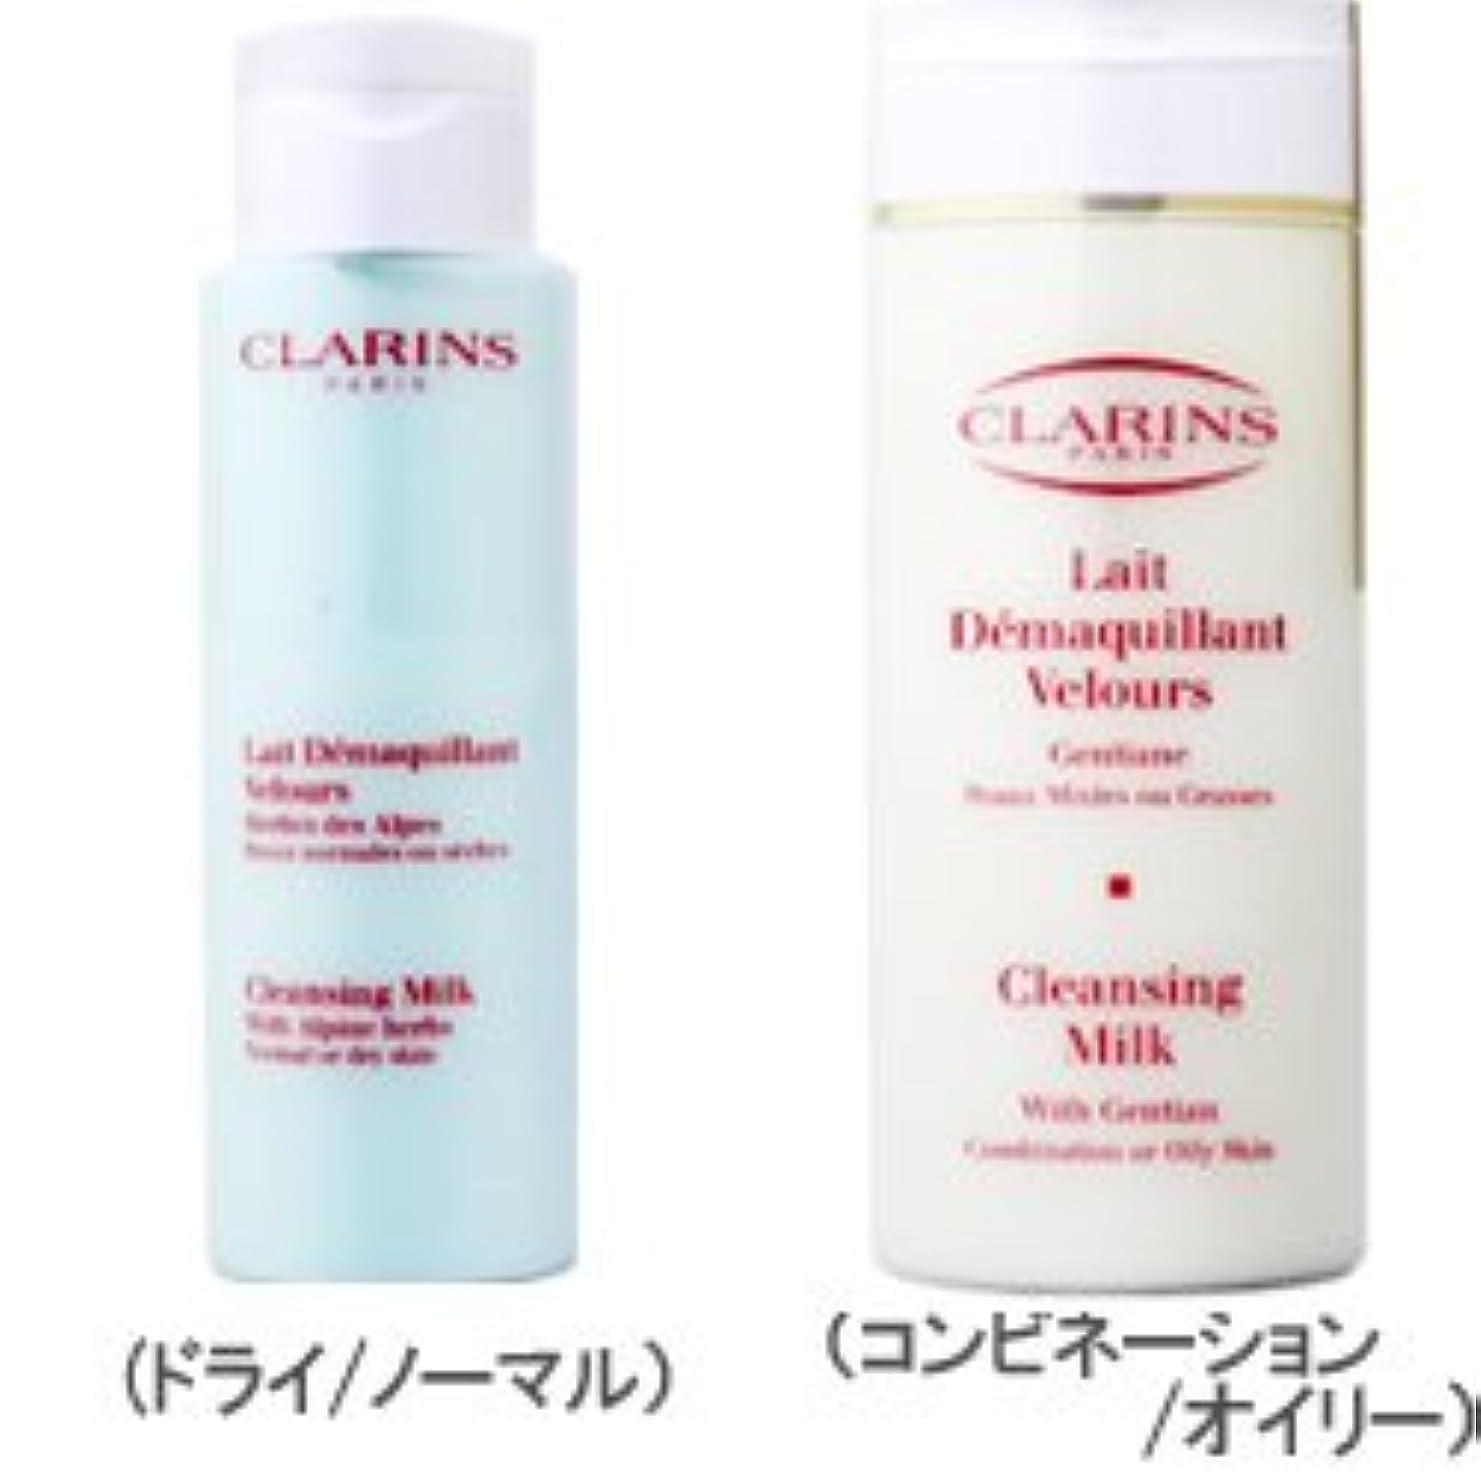 困惑したセンチメートルコンクリートクラランス CLARINS クレンジング ミルク 200mL【コンビネーション/オイリー】 [並行輸入品]